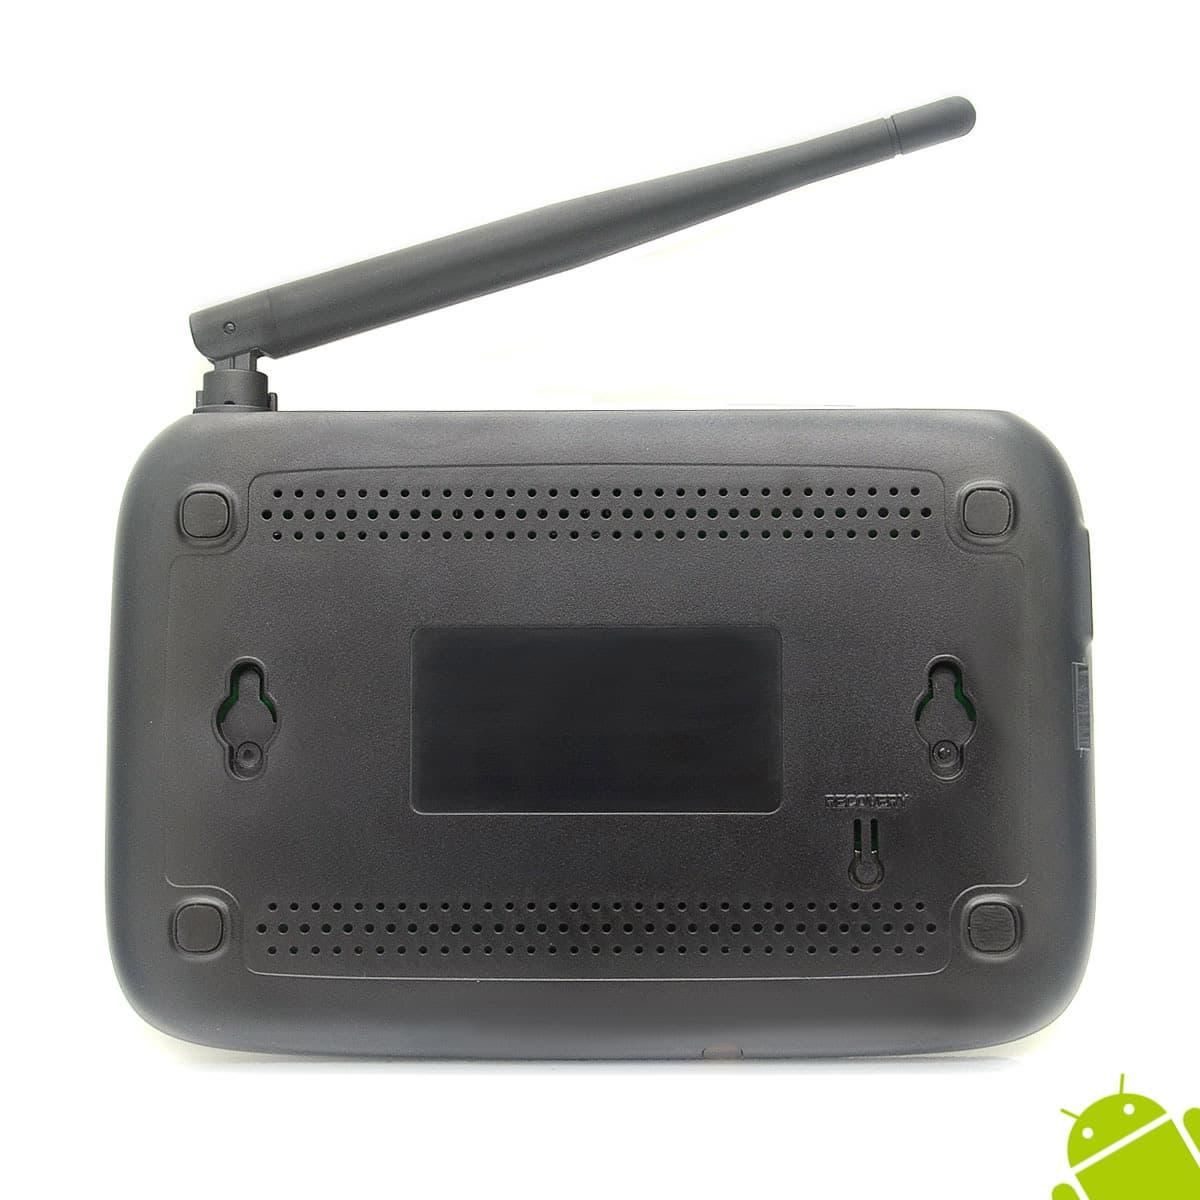 RK3188 CS918 Android Smart TV Box Quad core | tradekorea